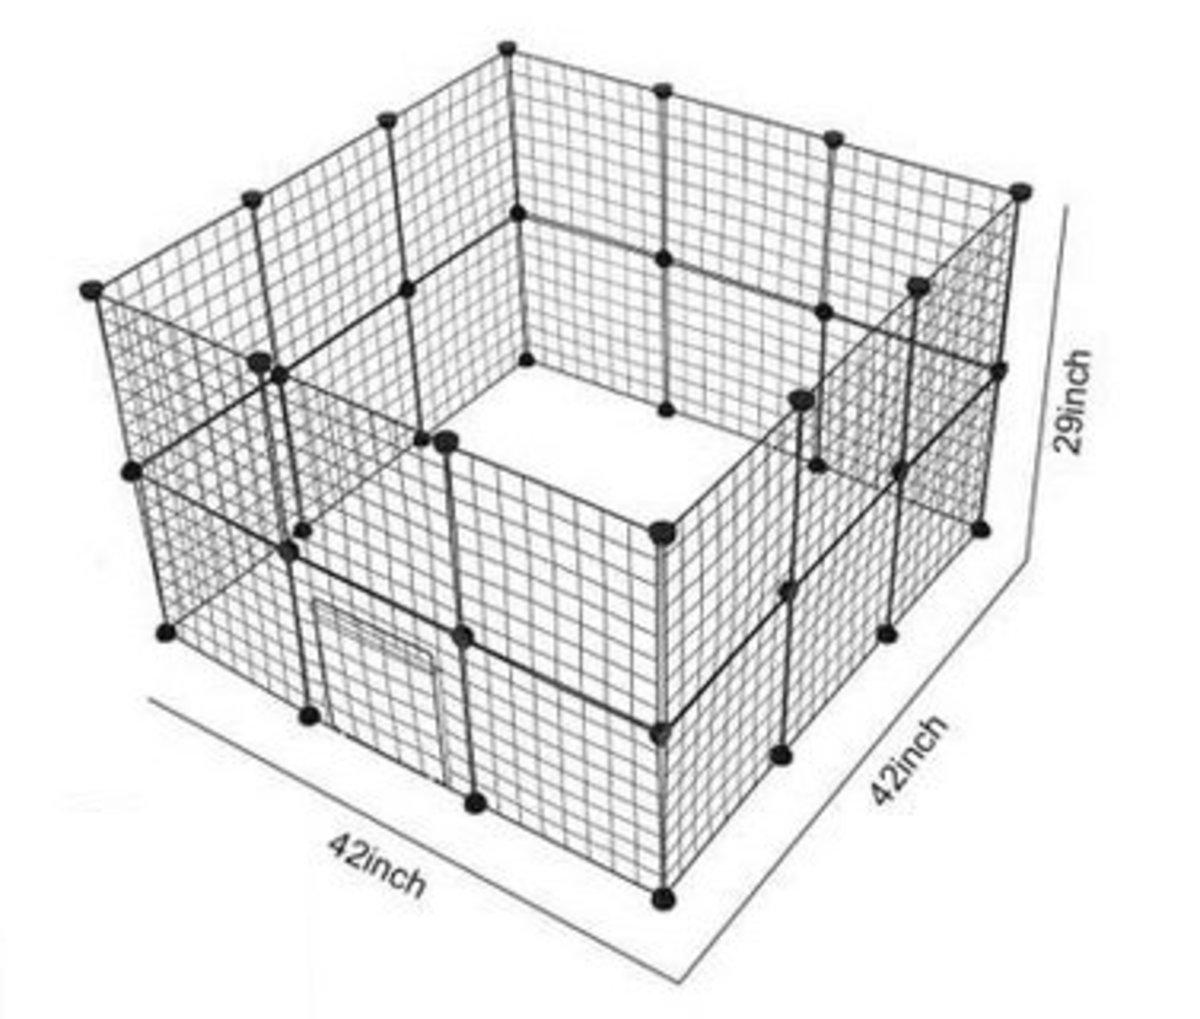 DIY 自由拼接貓狗籠兔籠圍欄(23網加1門)